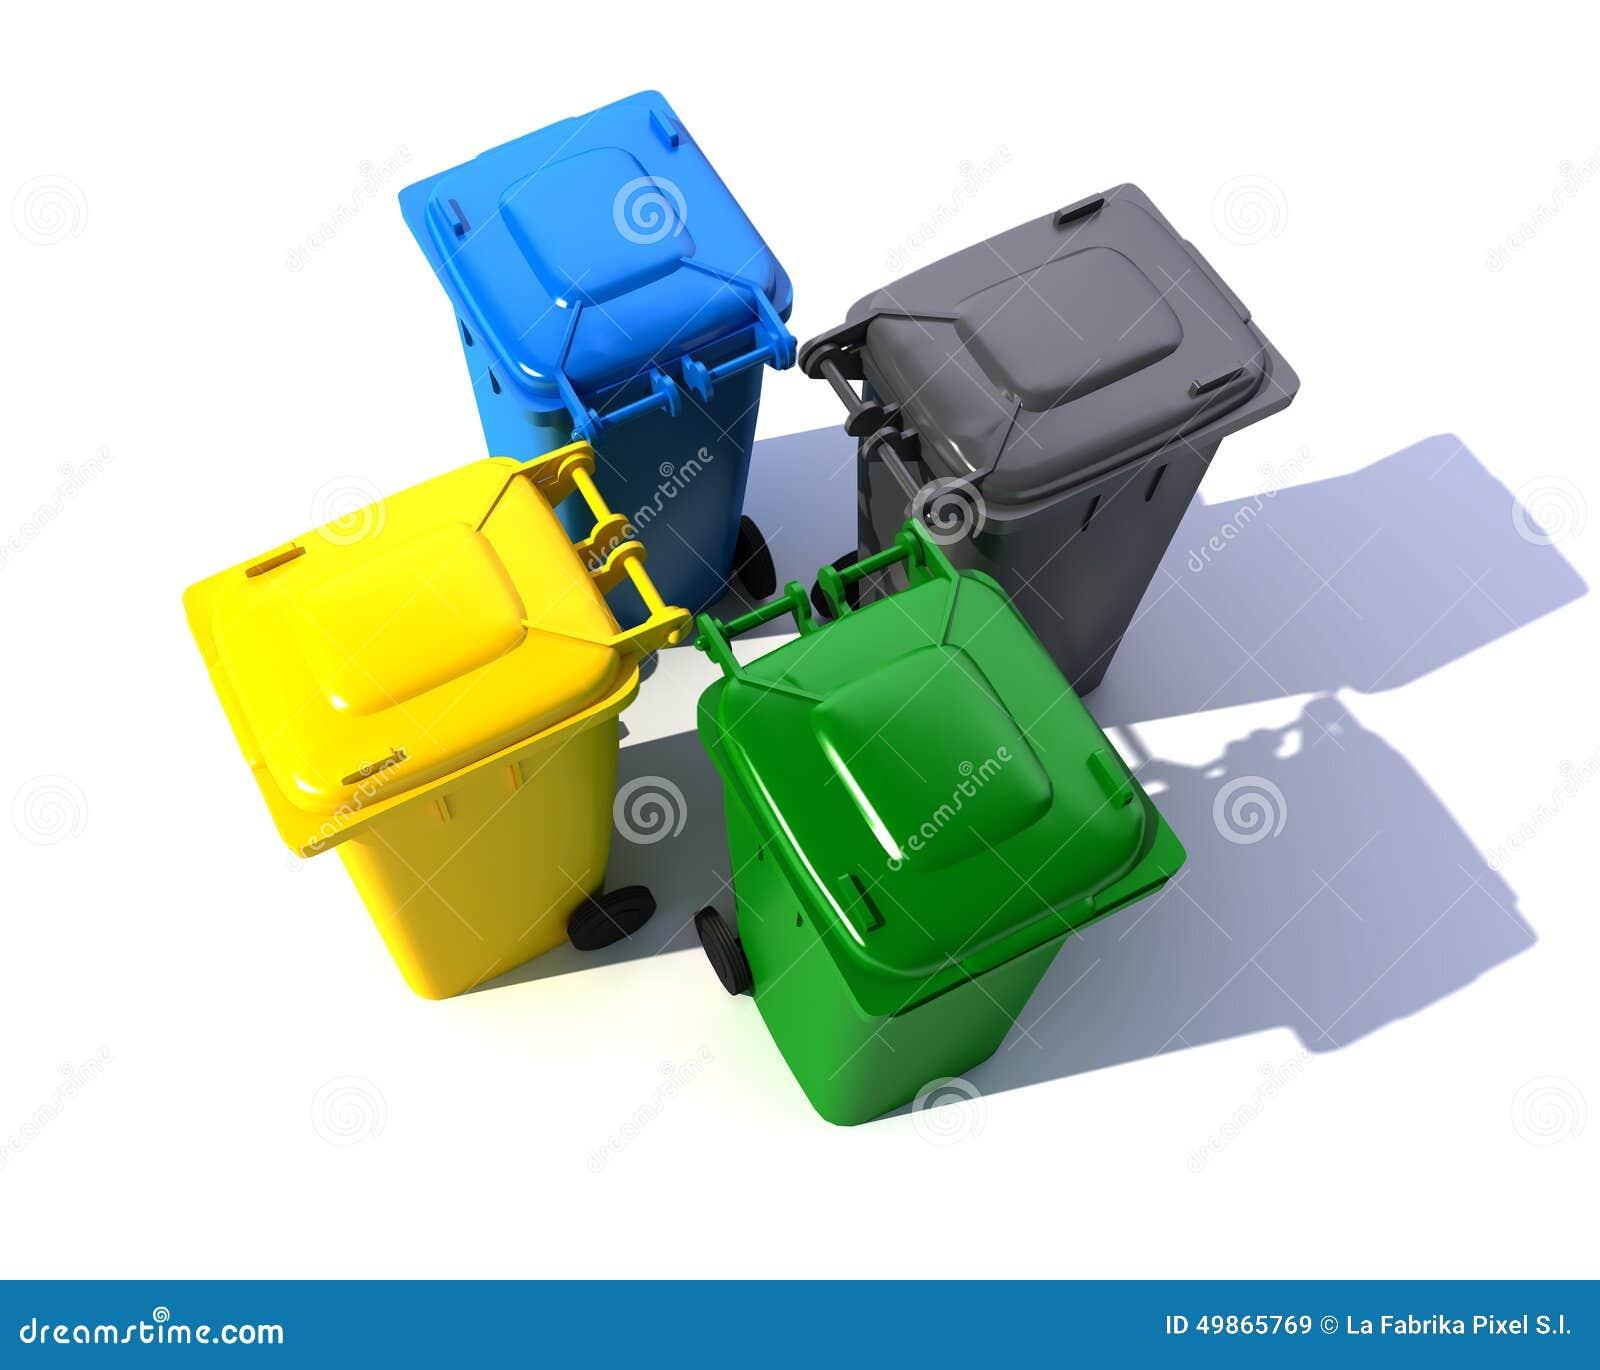 Aerial view of colorful garbage bins